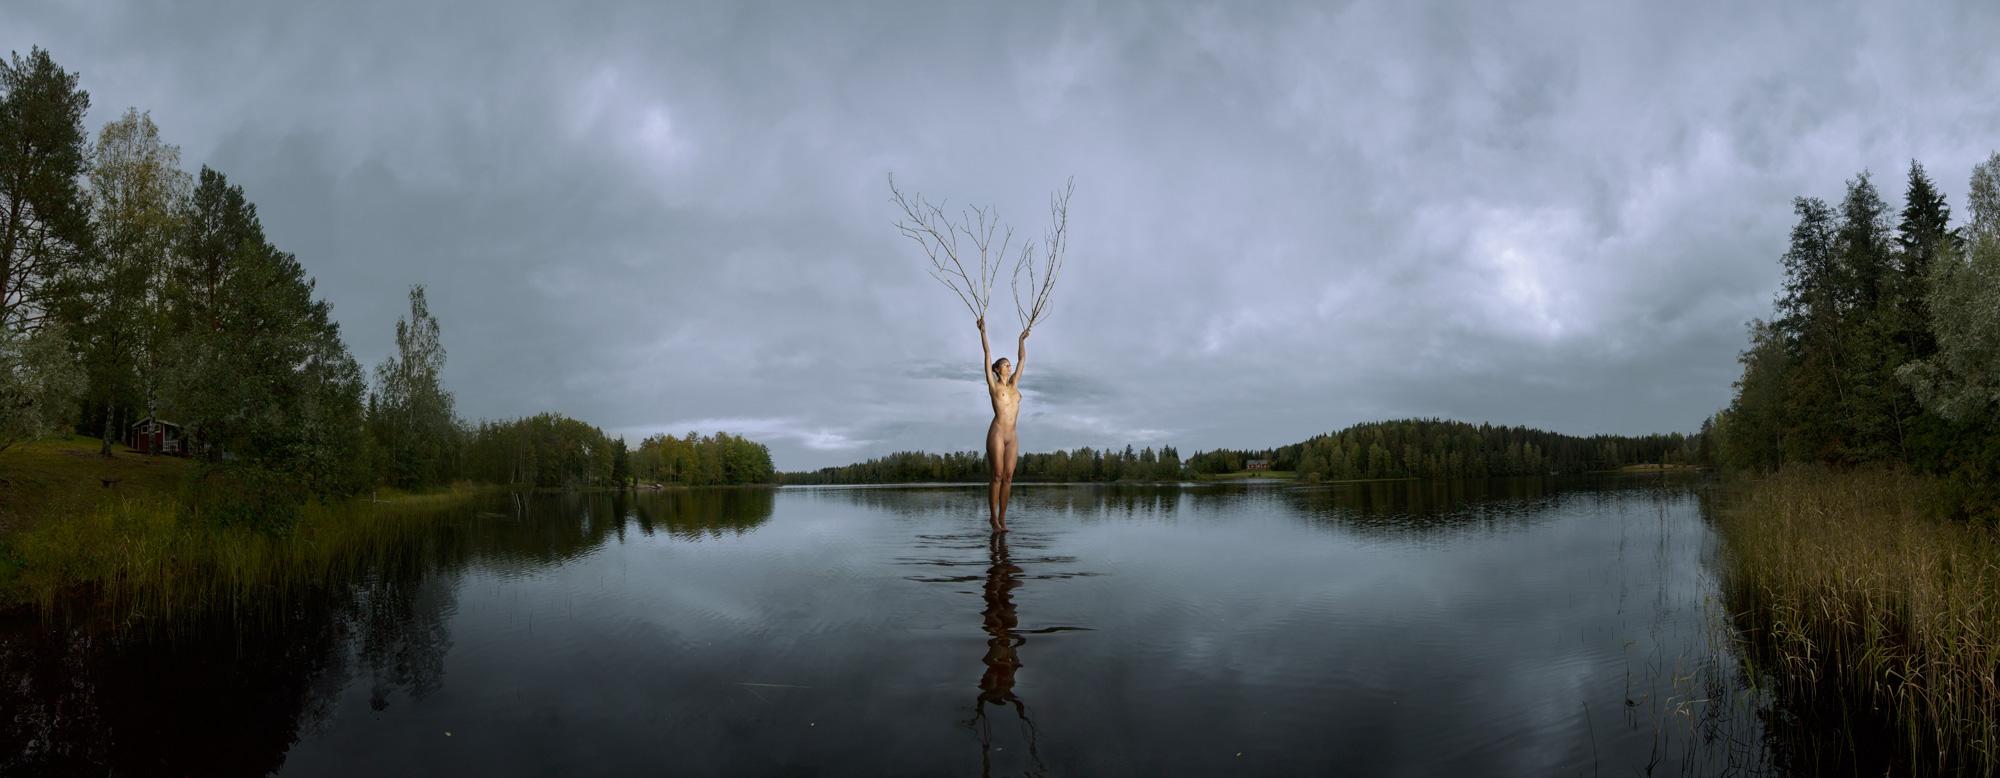 KÄÄNNA JUURI II. Fotografía y retoque digital. Lago Ahmausjarvi, Hämeenkyrö, Finlandia